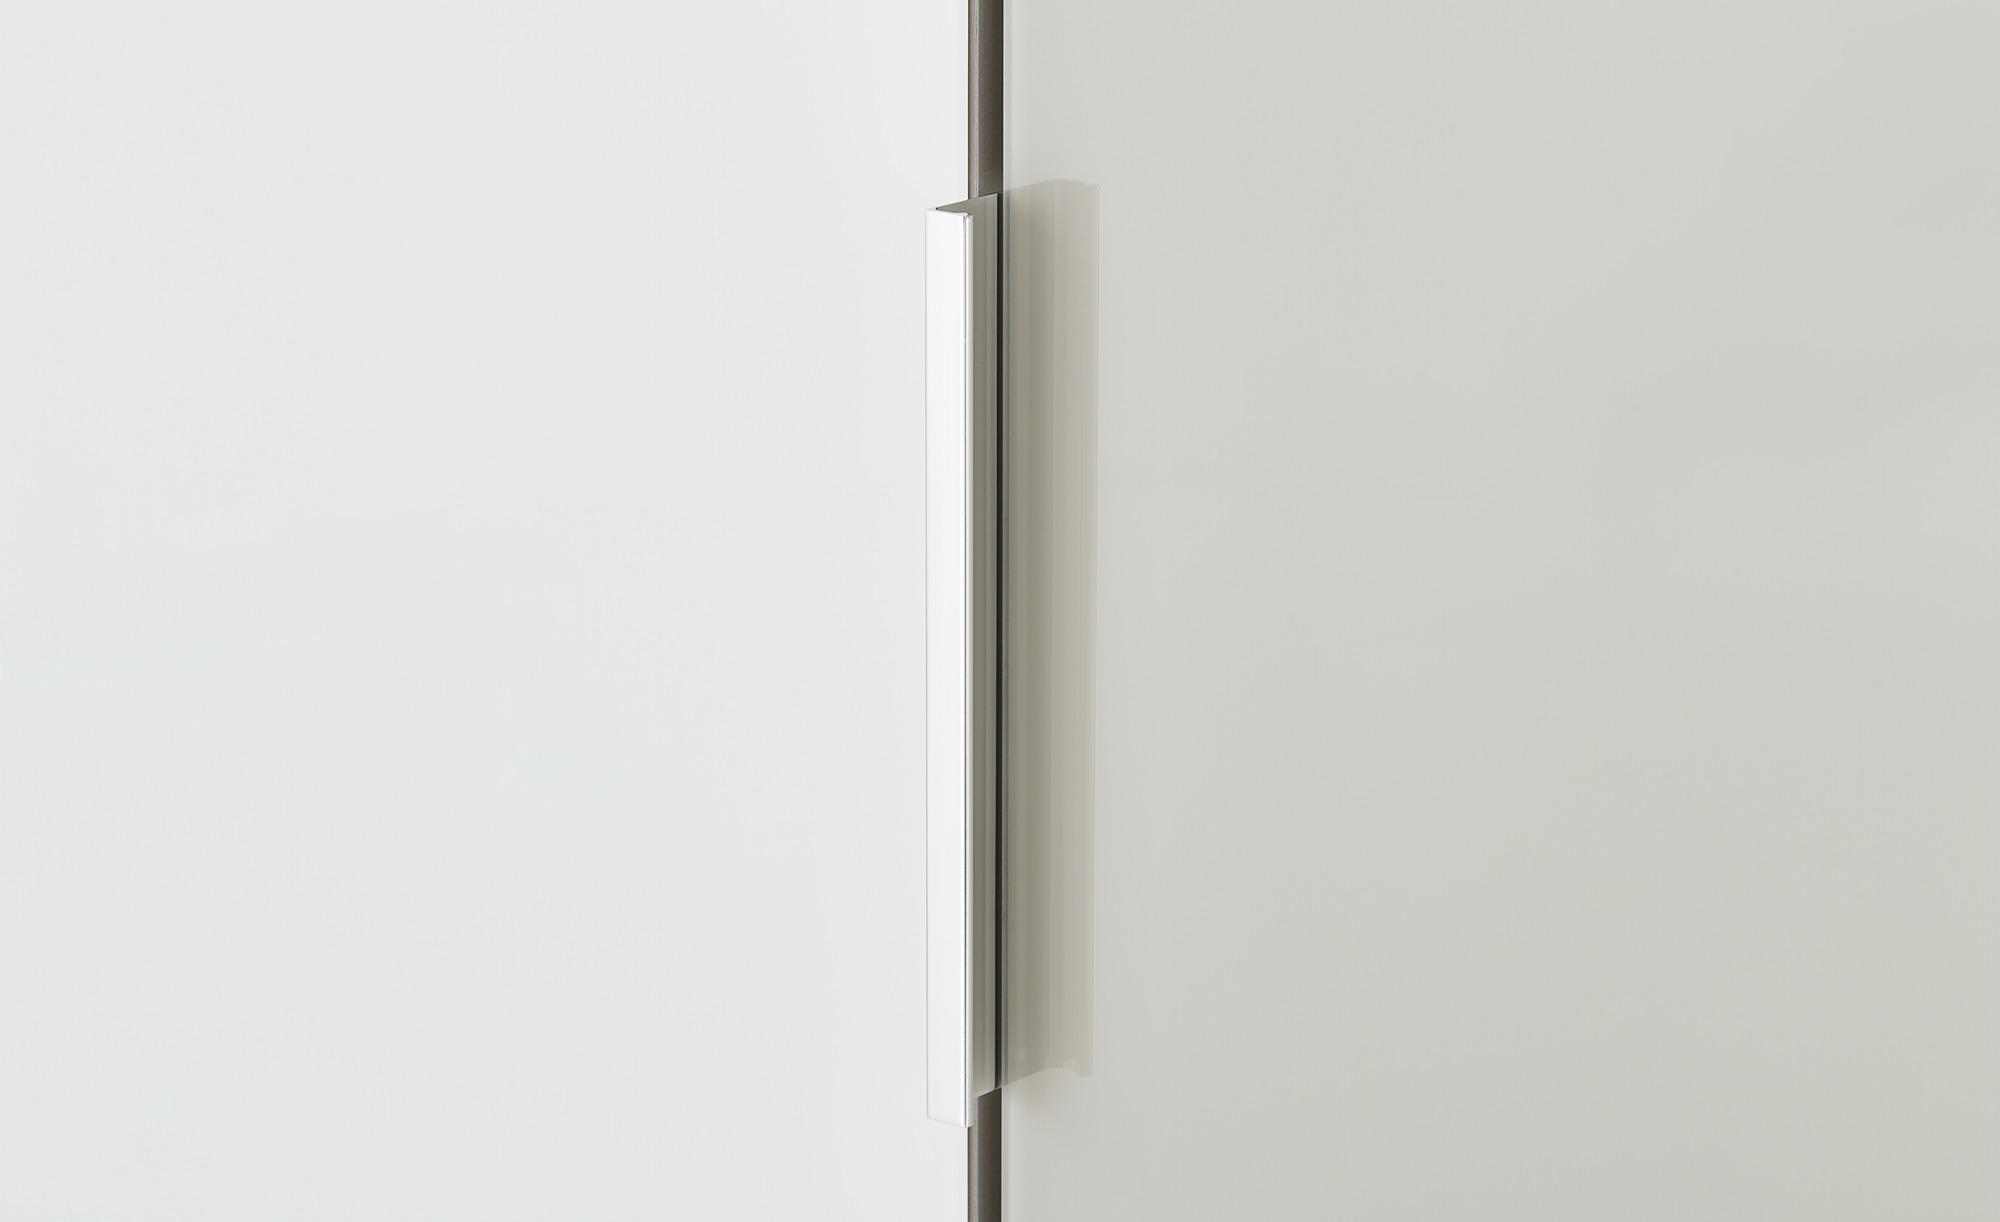 Wohnwert Komplett-Schlafzimmer, 4-teilig  Forum Komplett-Schlafzimmer - Höffner